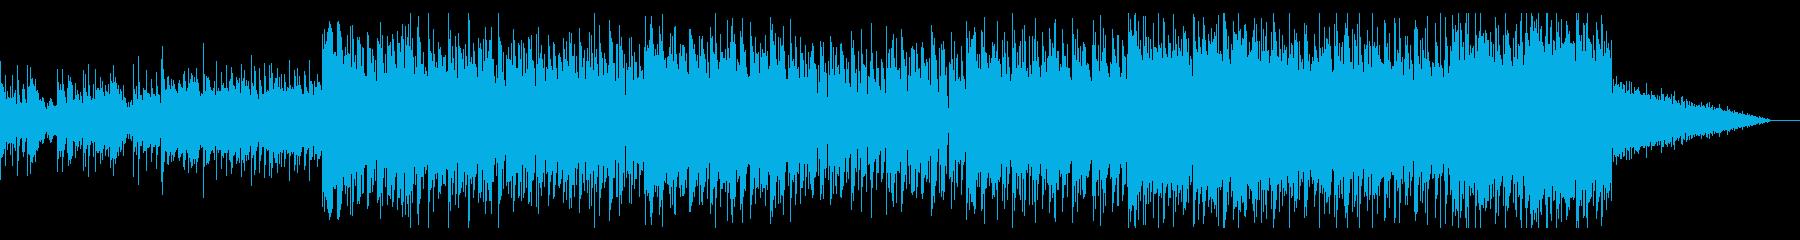 アラビアンなメロディーのアンビエントの再生済みの波形